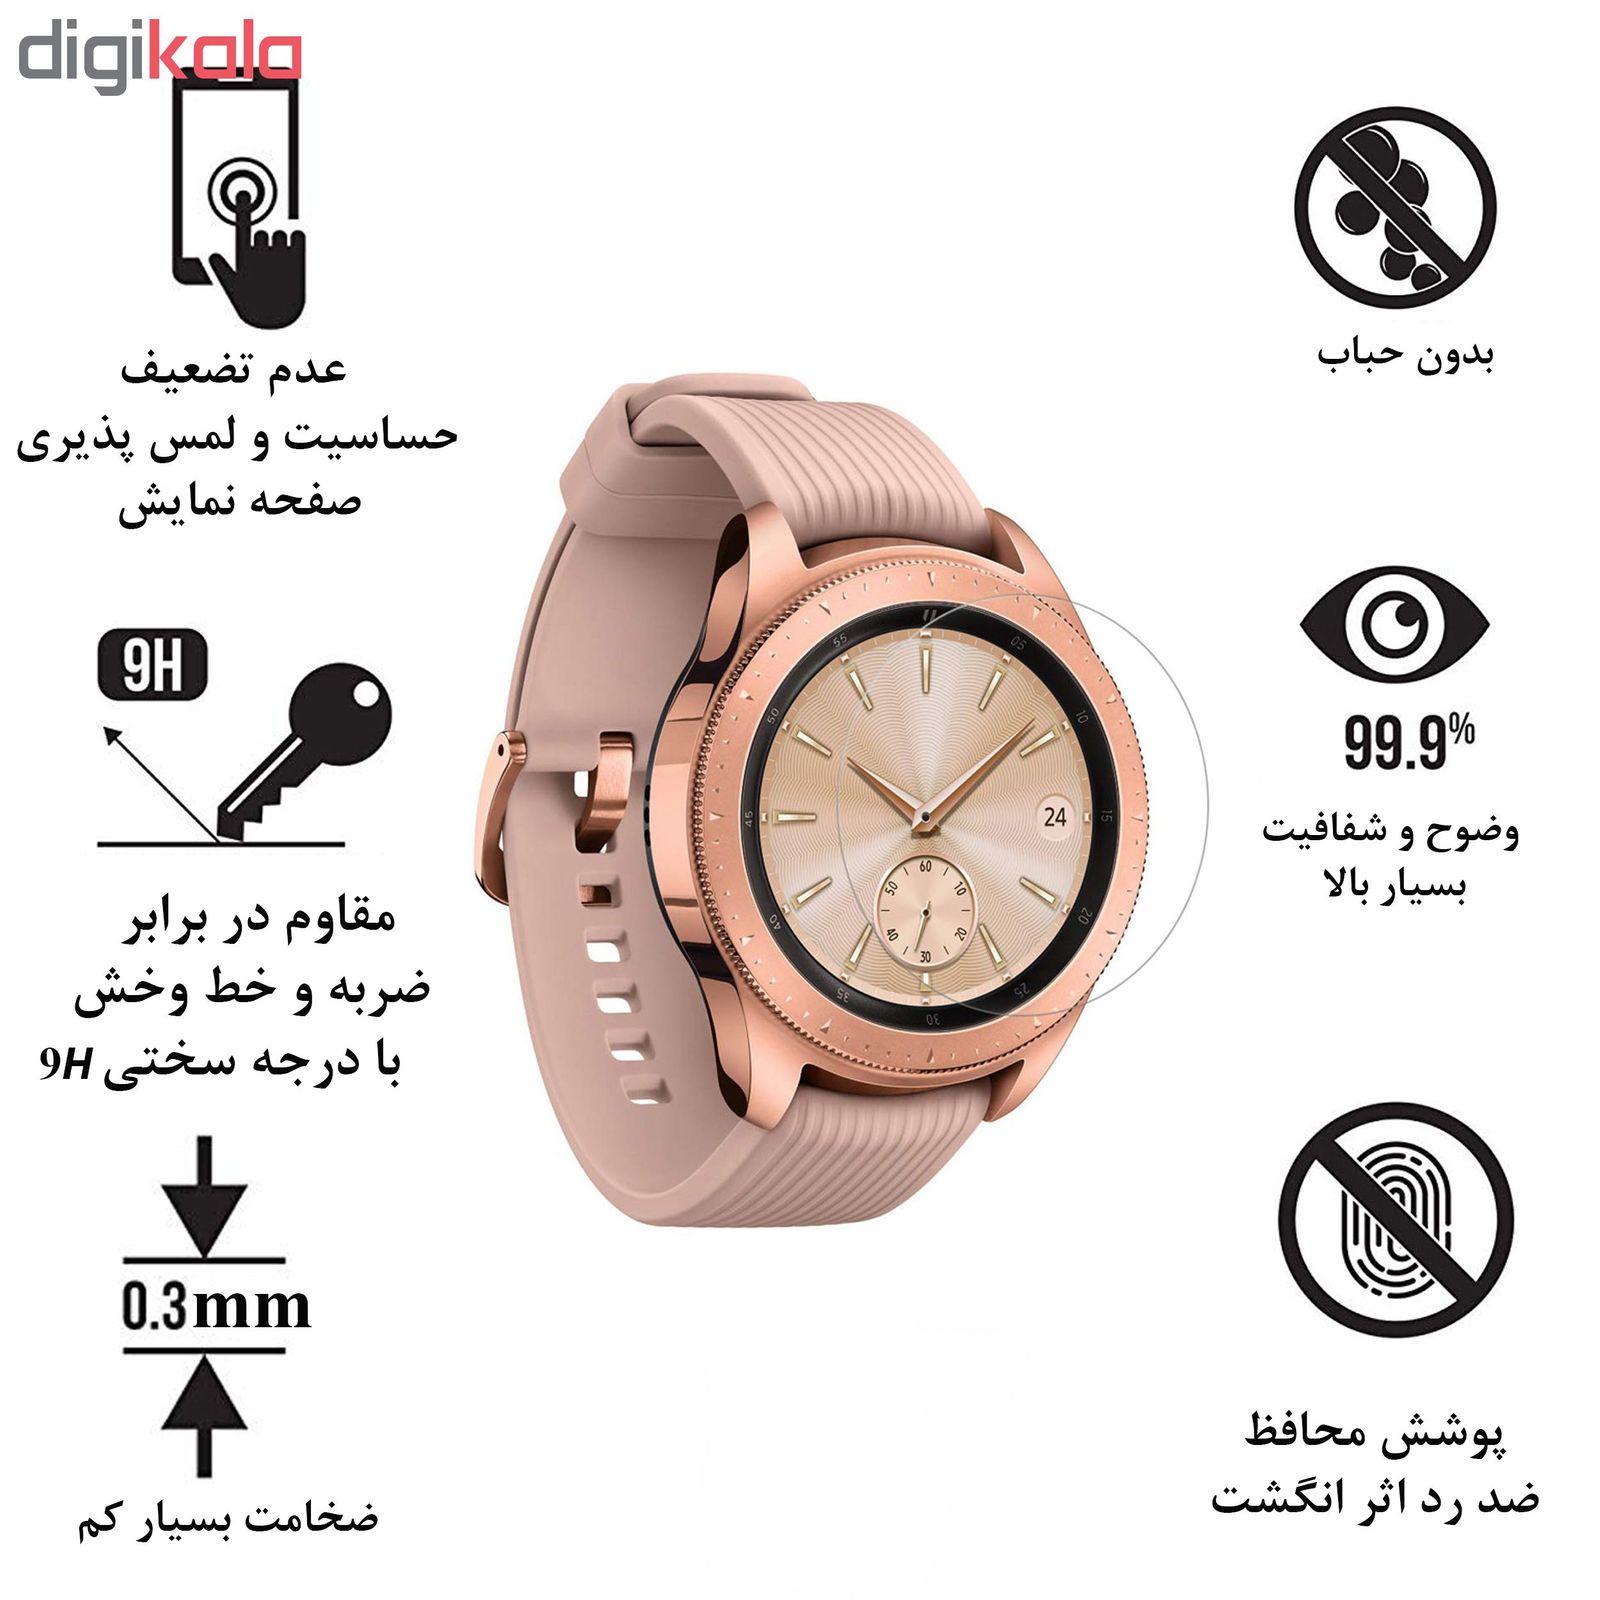 محافظ صفحه نمایش پیکسی مدل Treasure Trove مناسب برای ساعت هوشمند سامسونگ مدل Galaxy Watch 42mm main 1 2